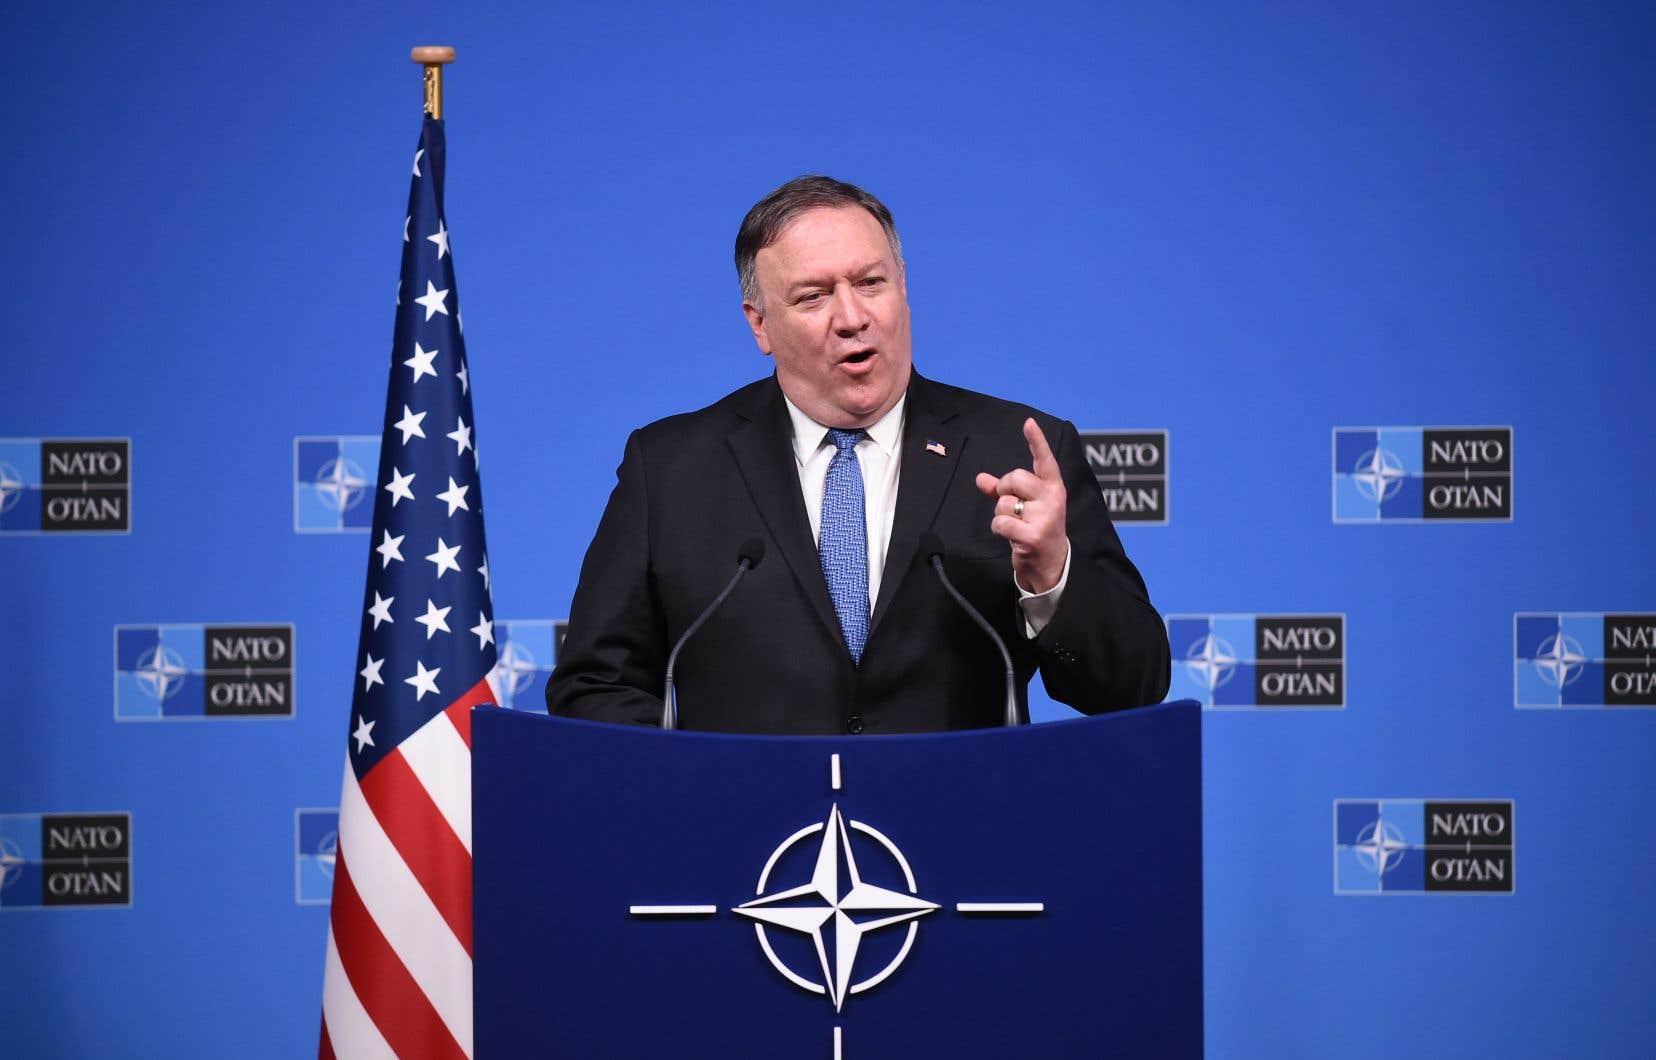 Le secrétaire d'État américain Mike Pompeo a déclaré que les États-Unis suspendraient leurs obligations en vertu de ce traité dans un délai de 60 jours en raison des violations présumées.